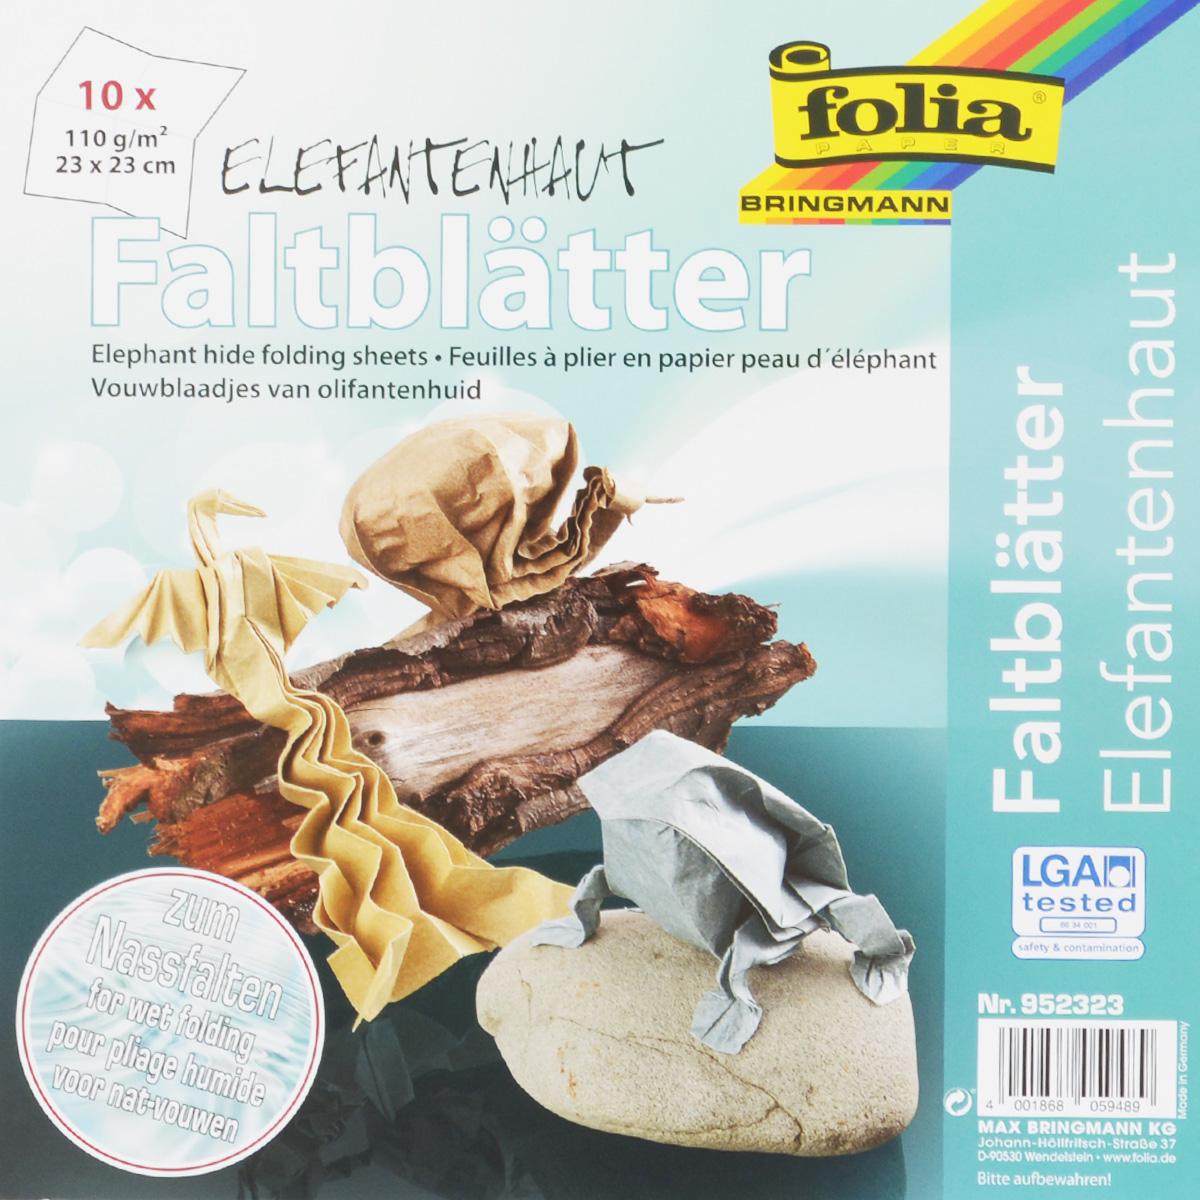 Бумага для оригами Folia, с увлажнением, 23 х 33 см, 10 листов7708155Набор специальной цветной бумаги для оригами Folia содержит 10 листов разного цвета, которые помогут вам и вашему ребенку сделать яркие и разнообразные фигурки. В набор входит бумага пяти цветов: белого, светло-коричневого, светло-желтого, светло-серого и светло-голубого. Листы необходимо смочить, до того как вы начнете работу с ними. Эти листы можно использовать для оригами, украшения для садового подсвечника или для создания новогодних звезд. Бумага хорошо комбинируется с цветным картоном.За свою многовековую историю оригами прошло путь от храмовых обрядов до искусства, дарящего радость и красоту миллионам людей во всем мире. Складывание и художественное оформление фигурок оригами интересно заполнят свободное время, доставят огромное удовольствие, радость и взрослым и детям. Увлекательные занятия оригами развивают мелкую моторику рук, воображение, мышление, воспитывают волевые качества и совершенствуют художественный вкус ребенка.Плотность бумаги: 110 г/м2.Размер листа: 23 см х 23 см.